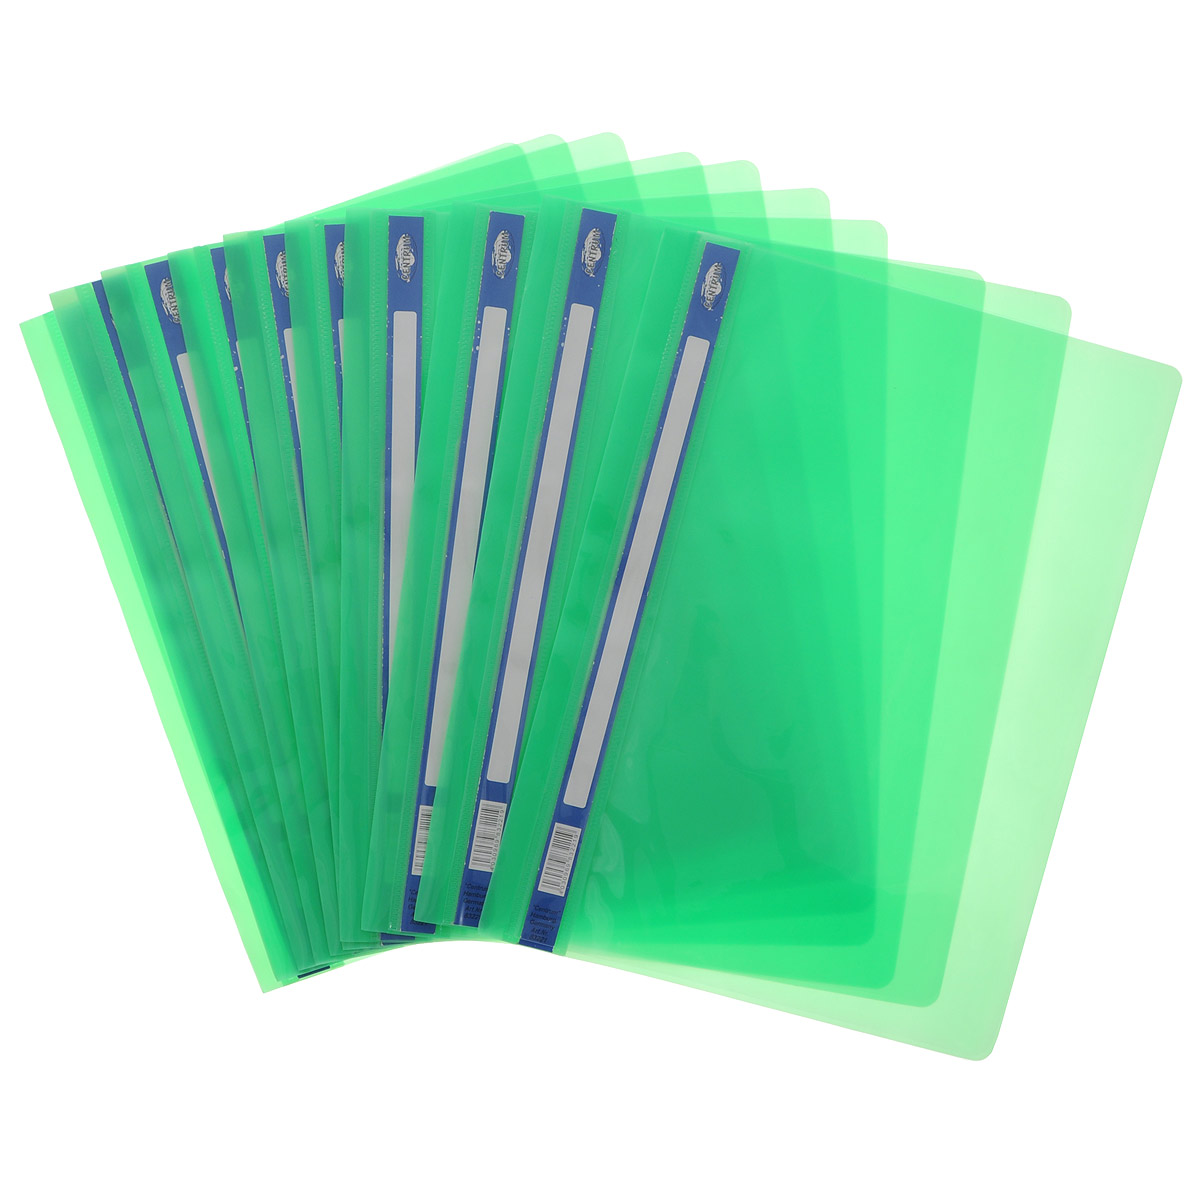 Папка-скоросшиватель Centrum, цвет: зеленый. Формат А4, 10 шт. 83221О83221ОПапка-скоросшиватель Centrum - это удобный и практичный офисный инструмент, предназначенный для хранения и транспортировки рабочих бумаг и документов формата А4. Папка изготовлена из полупрозрачного глянцевого пластика. В комплект входят 10 папок формата А4. Папка-скоросшиватель - это незаменимый атрибут для студента, школьника, офисного работника. Такая папка надежно сохранит ваши документы и сбережет их от повреждений, пыли и влаги.